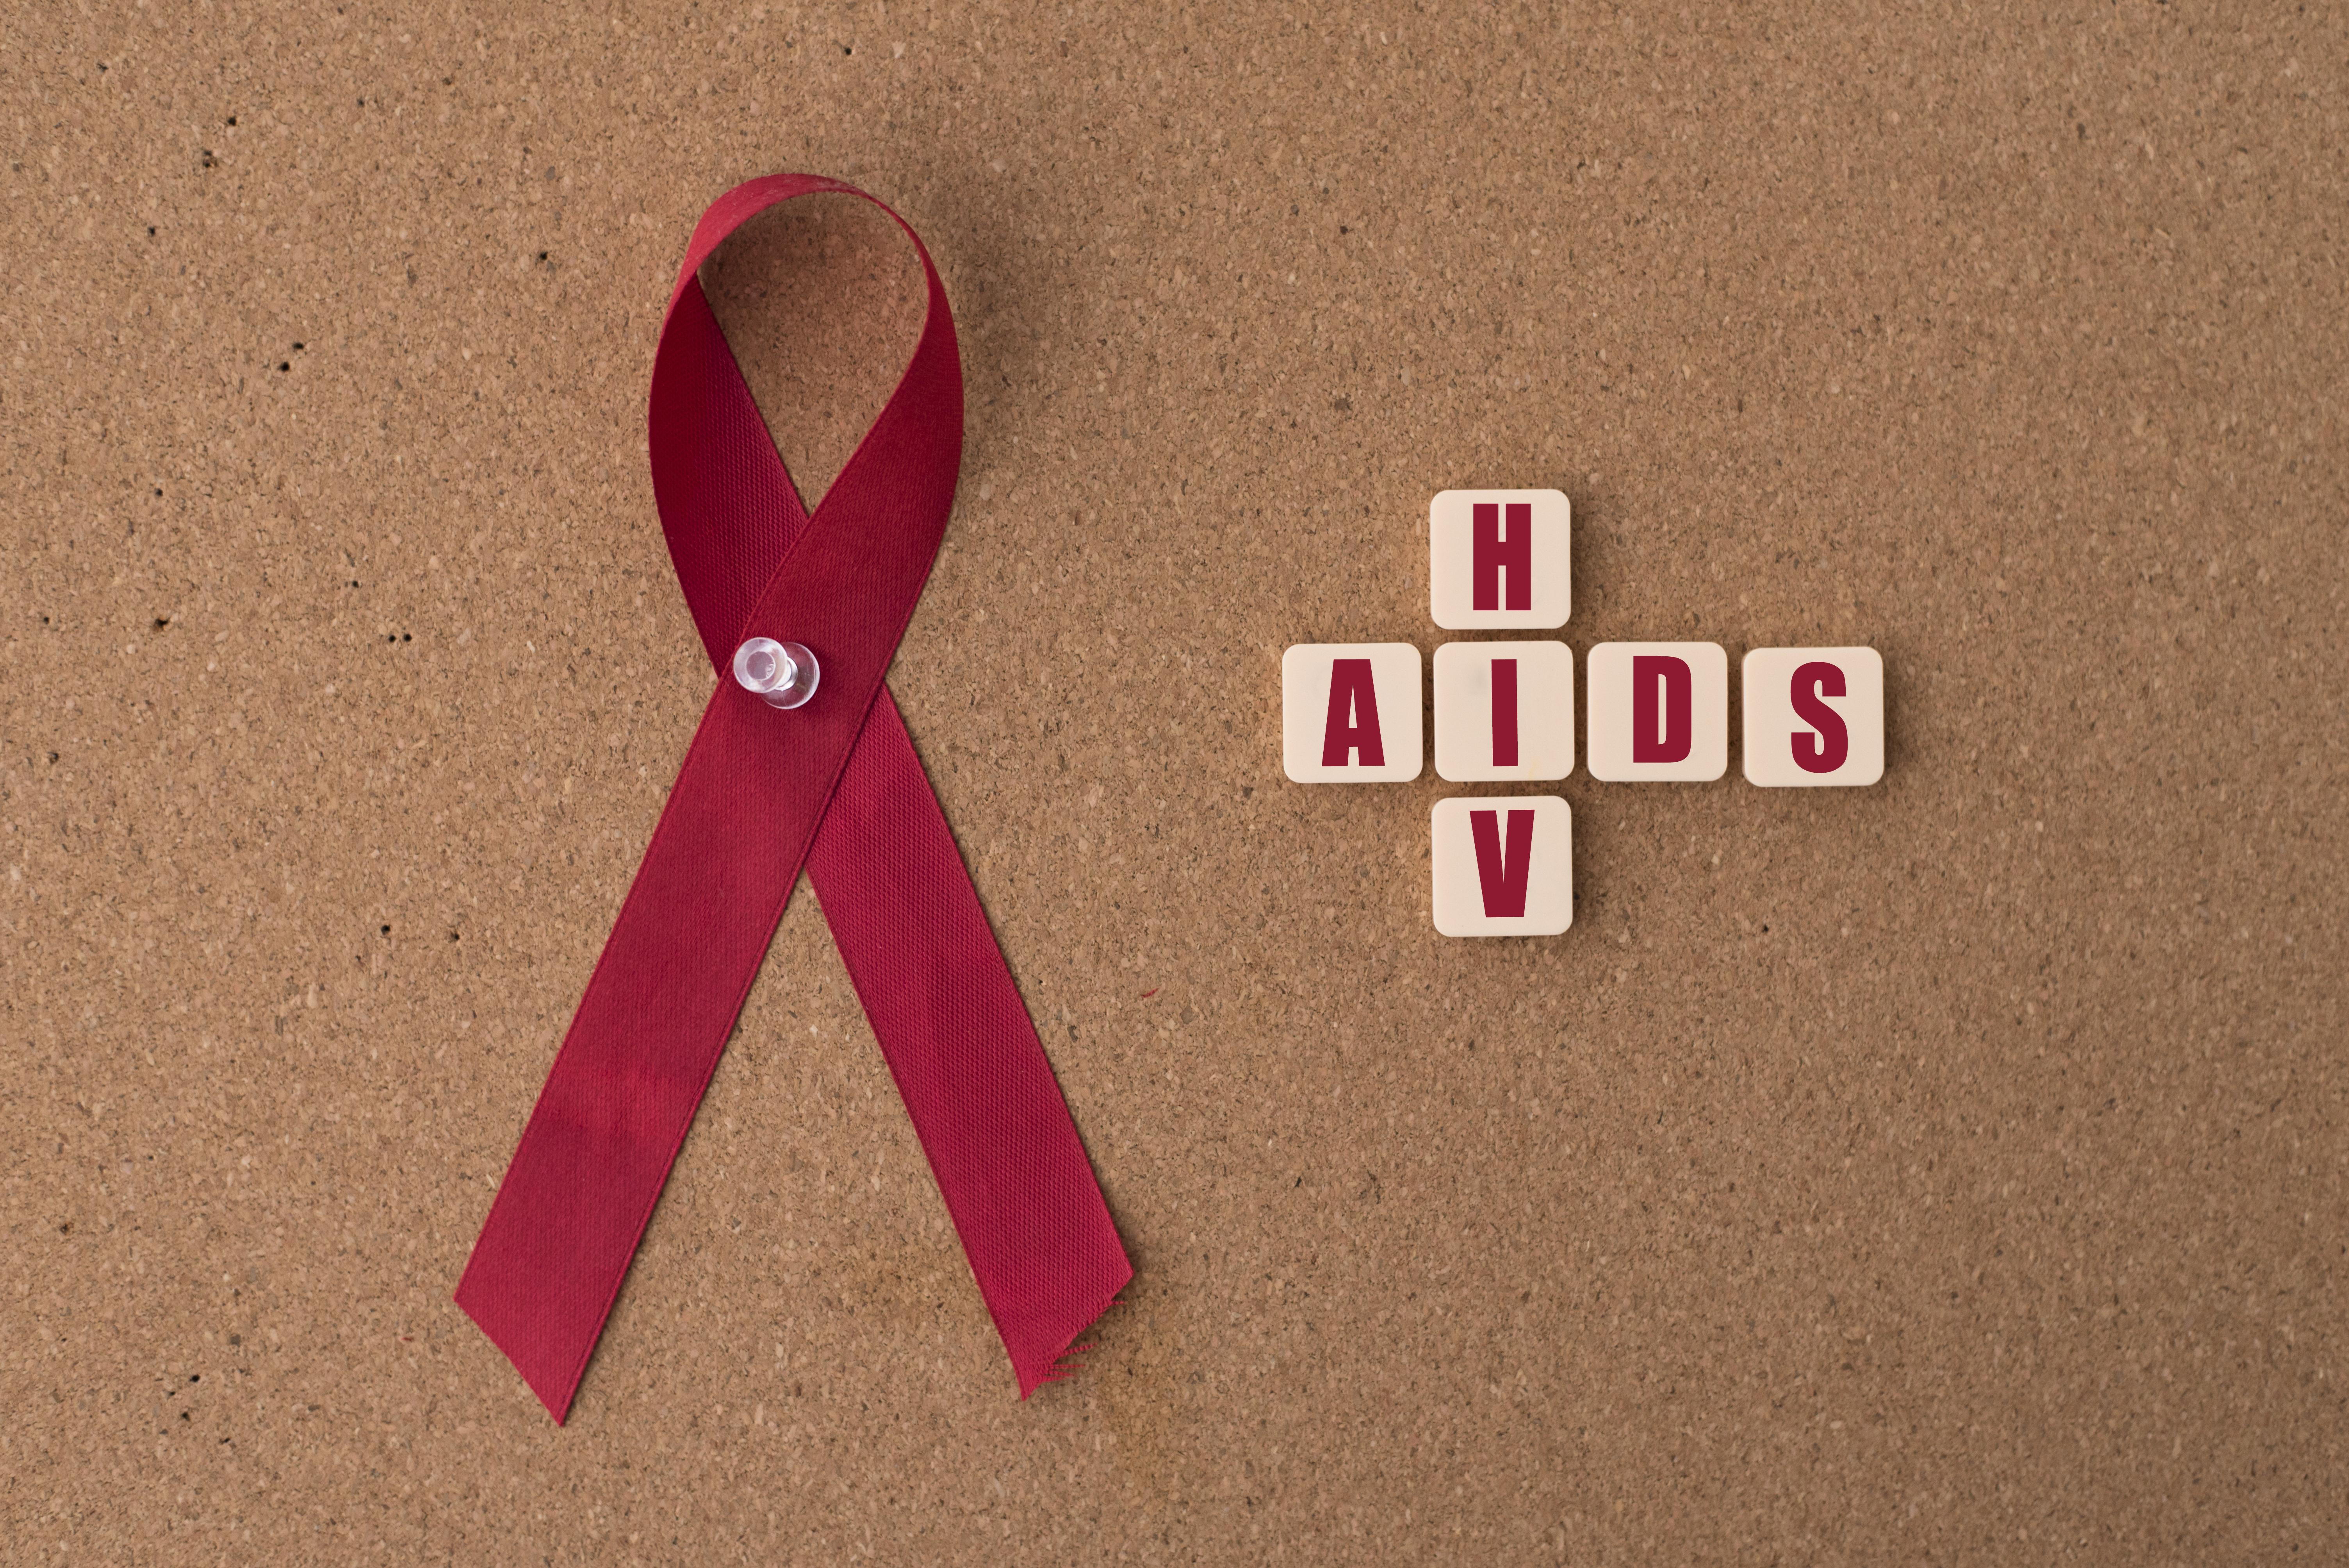 Trots att man upplever att det fortfarande finns ett stigma och att sexlivet påverkas så skattar personer som lever med hiv i Sverige idag sin livskvalitet som hög.